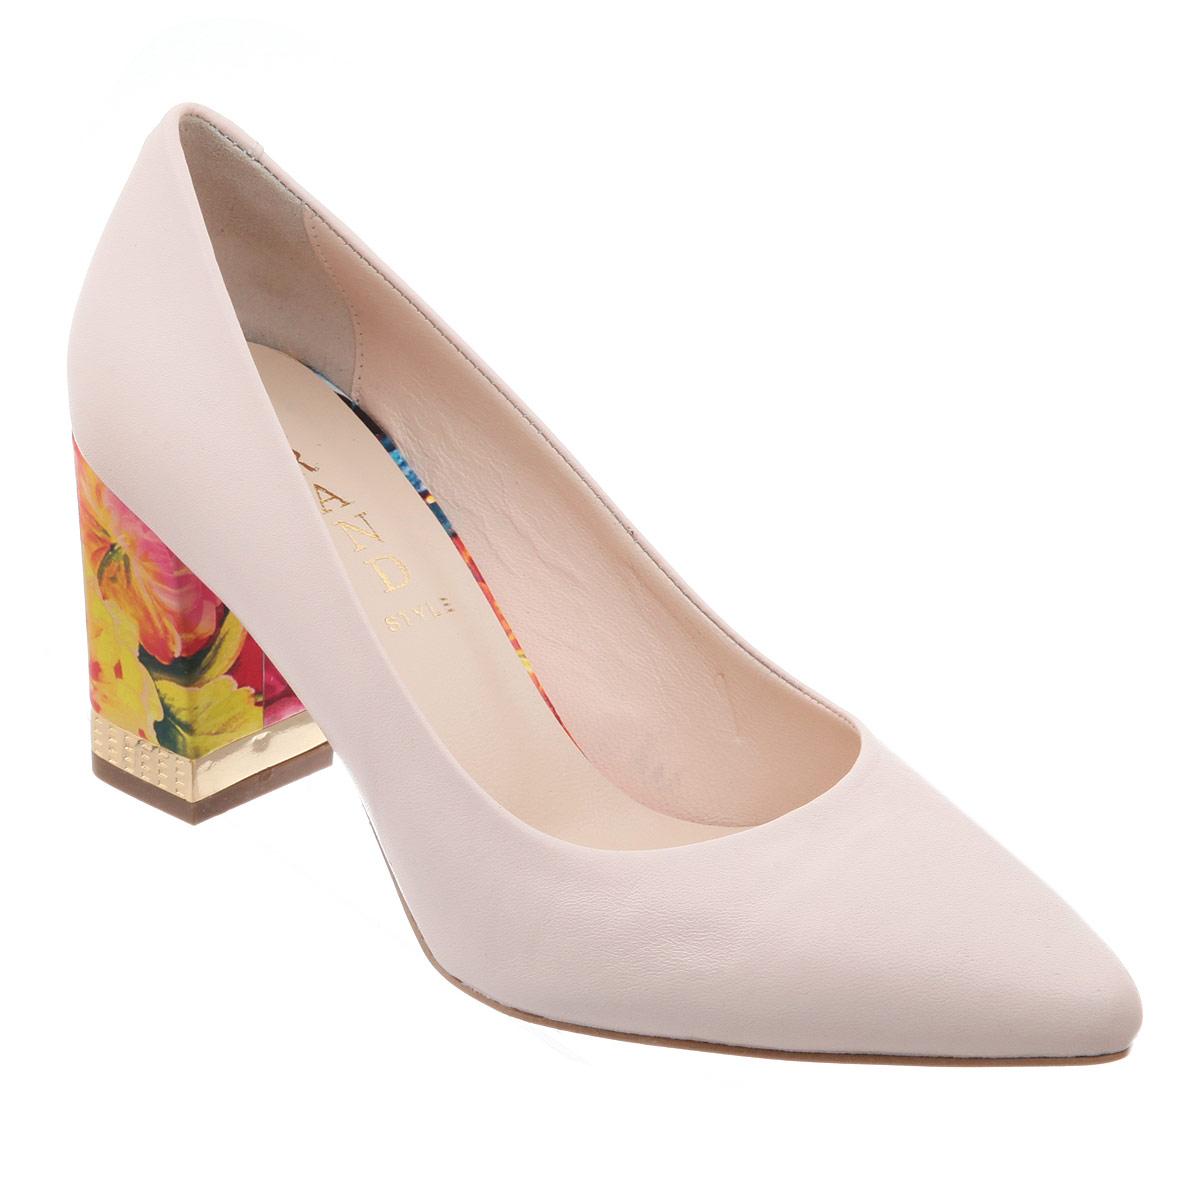 105-28-245Оригинальные женские туфли от Grand Style позволят вам выделиться среди окружающих. Модель выполнена из натуральной кожи. Каблук оформлен цветочным принтом и металлической вставкой с гравированным узором. Заостренный носок - тренд сезона! Мягкая стелька из натуральной кожи невероятно комфортна при ходьбе. Умеренной высоты каблук - с противоскользящим рифлением. Эффектные туфли внесут изюминку в ваш модный образ.